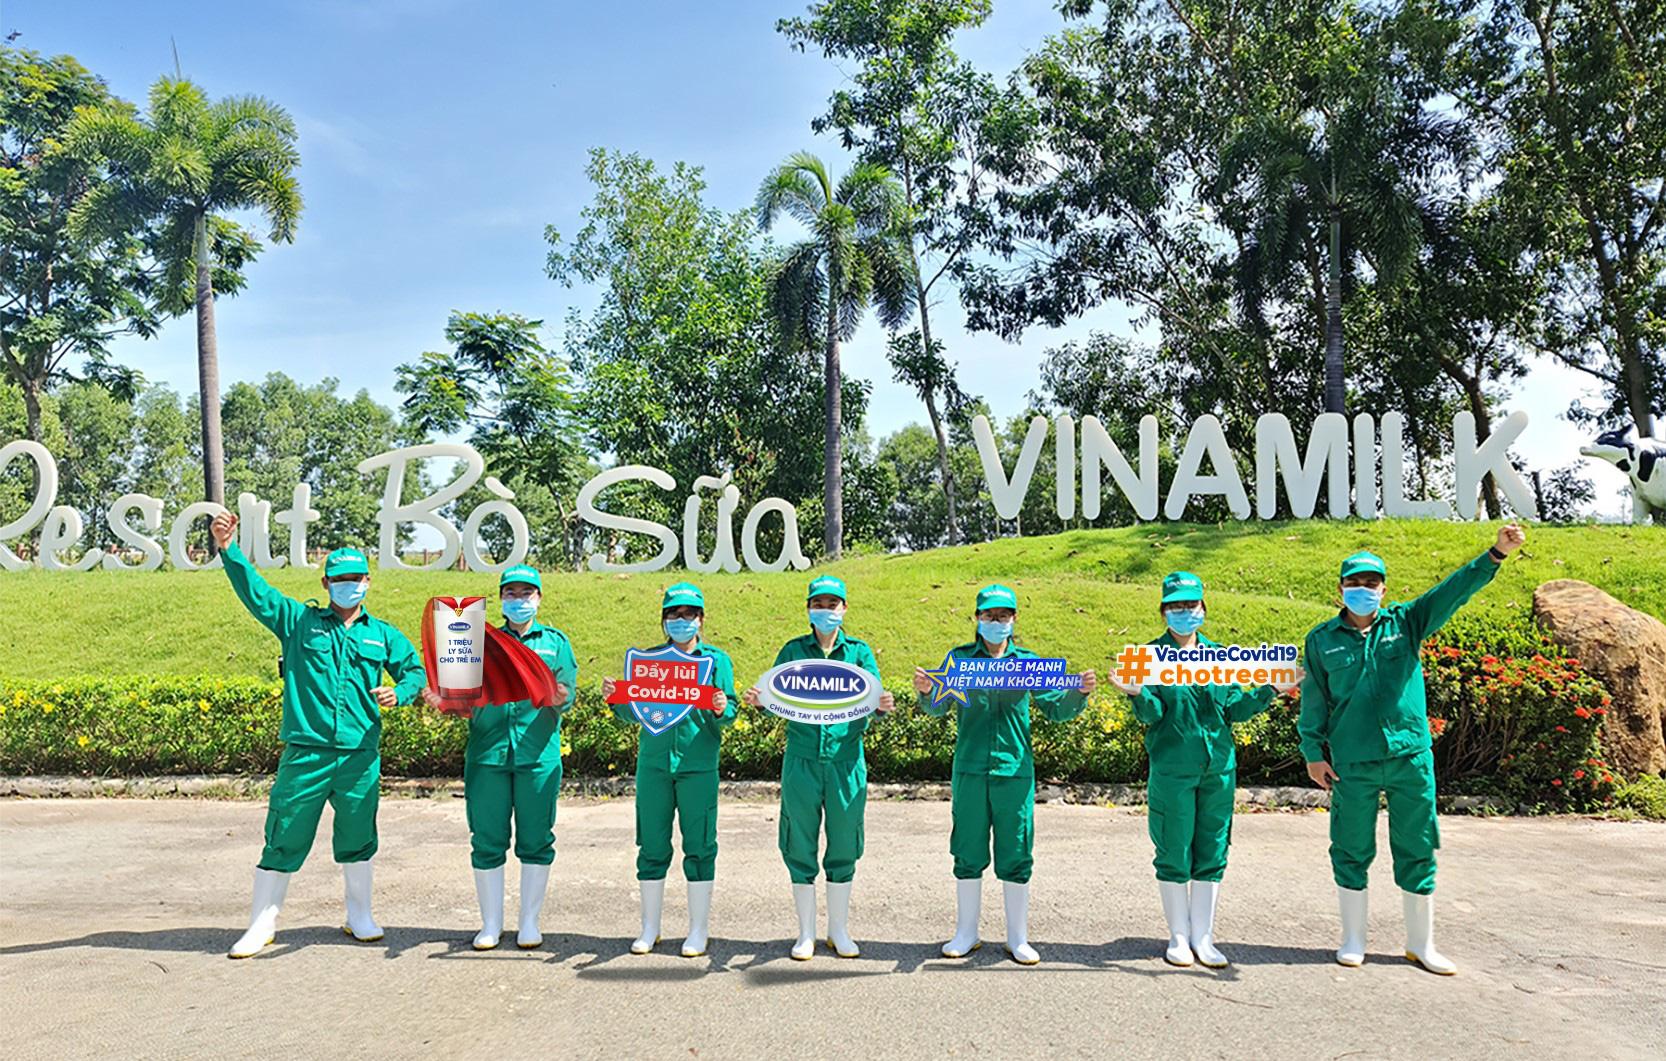 Vinamilk khởi động chiến dịch Bạn khỏe mạnh, Việt Nam khỏe mạnh với hoạt động góp vaccine phòng Covid-19 cho trẻ em - Ảnh 2.